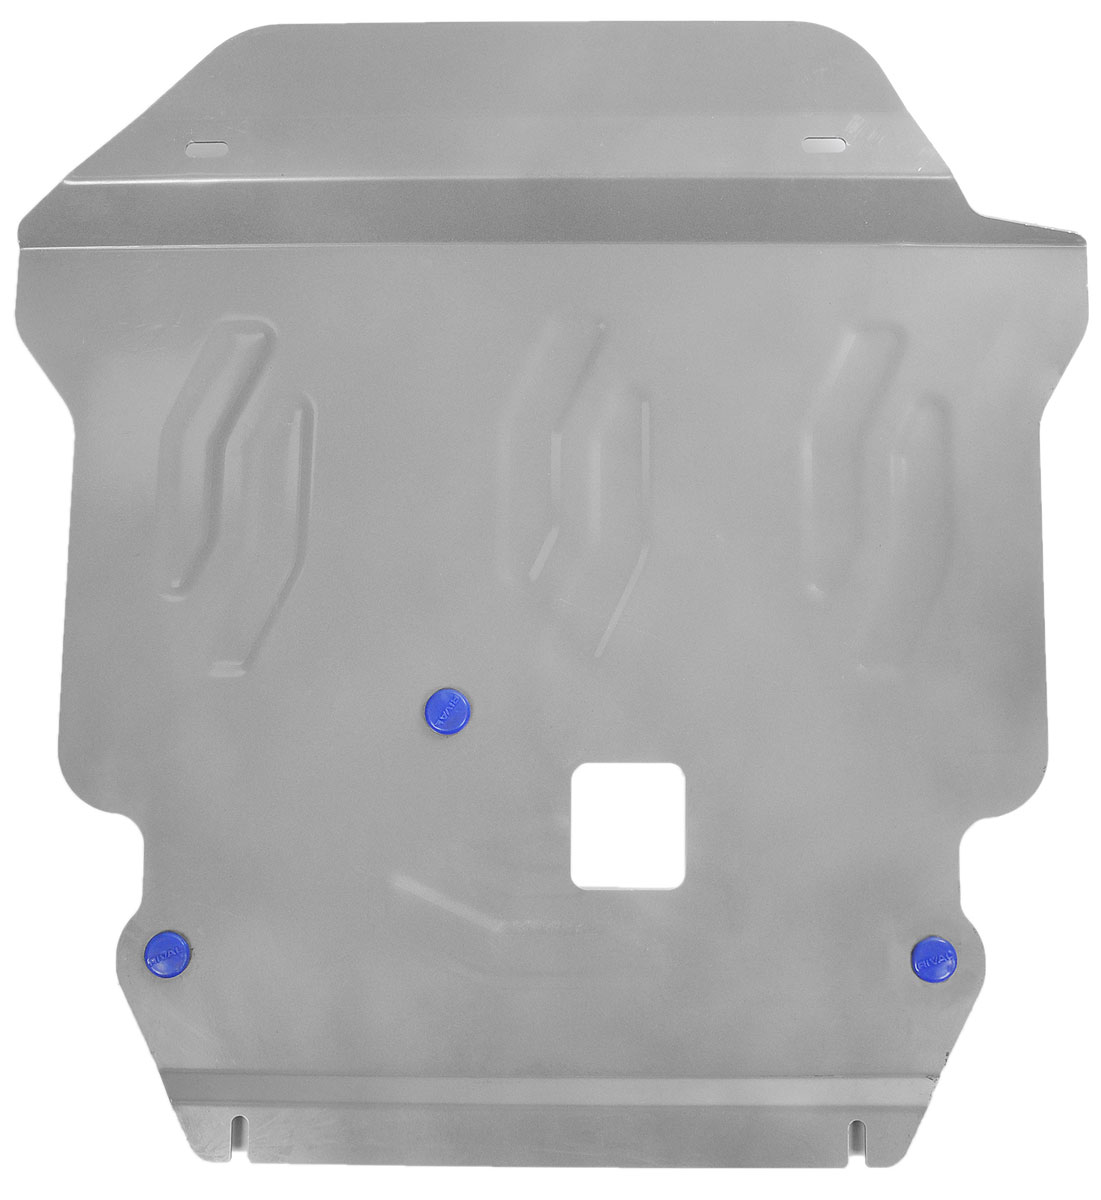 Защита картера и КПП Rival, для Dodge Journey1004900000360Защита картера и КПП для Dodge Journey , V - 3,6 2007- , крепеж в комплекте, алюминий 4 мм, Rival. Надежно защищают днище вашего автомобиля от повреждений, например при наезде на бордюры, а также выполняют эстетическую функцию при установке на высокие автомобили.- Толщина алюминиевых защит в 2 раза толще стальных, а вес при этом меньше до 30%.- Отлично отводит тепло от двигателя своей поверхностью, что спасает двигатель от перегрева в летний период или при высоких нагрузках.- В отличие от стальных, алюминиевые защиты не поддаются коррозии, что гарантирует срок службы защит более 5 лет.- Покрываются порошковой краской, что надолго сохраняет первоначальный вид новой защиты и защищает от гальванической коррозии.- Глубокий штамп дополнительно усиливает конструкцию защиты.- Подштамповка в местах крепления защищает крепеж от срезания.- Технологические отверстия там, где они необходимы для смены масла и слива воды, оборудованные заглушками, надежно закрепленными на защите.Уважаемые клиенты!Обращаем ваше внимание, на тот факт, что защита имеет форму, соответствующую модели данного автомобиля. Фото служит для визуального восприятия товара.